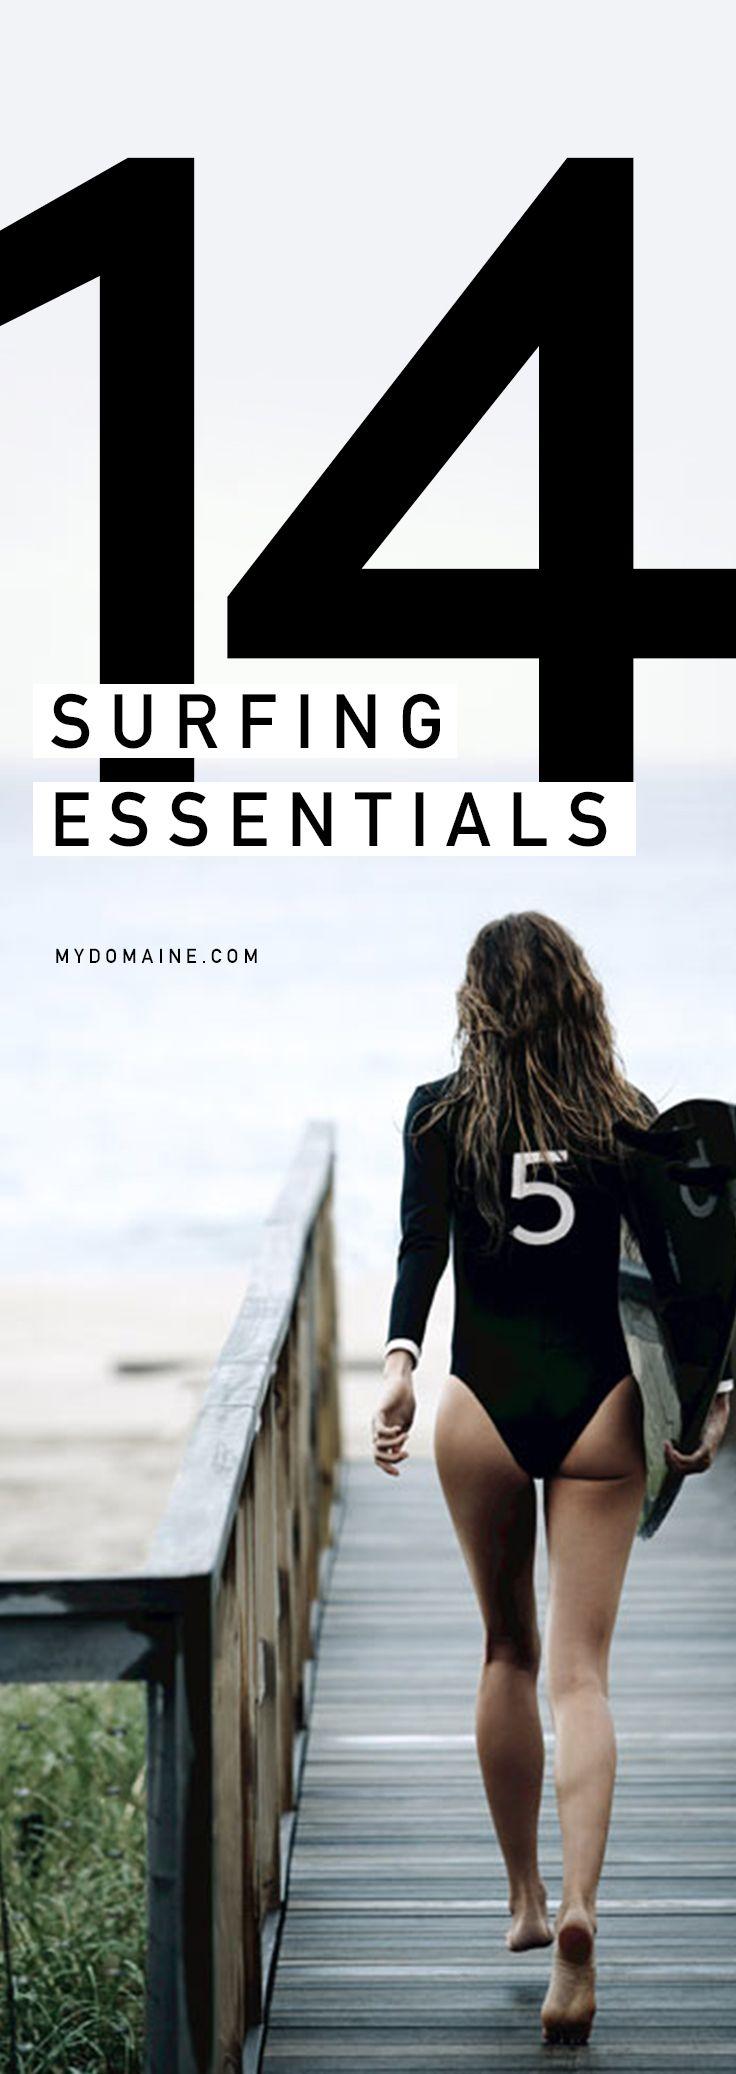 Surfing essentials